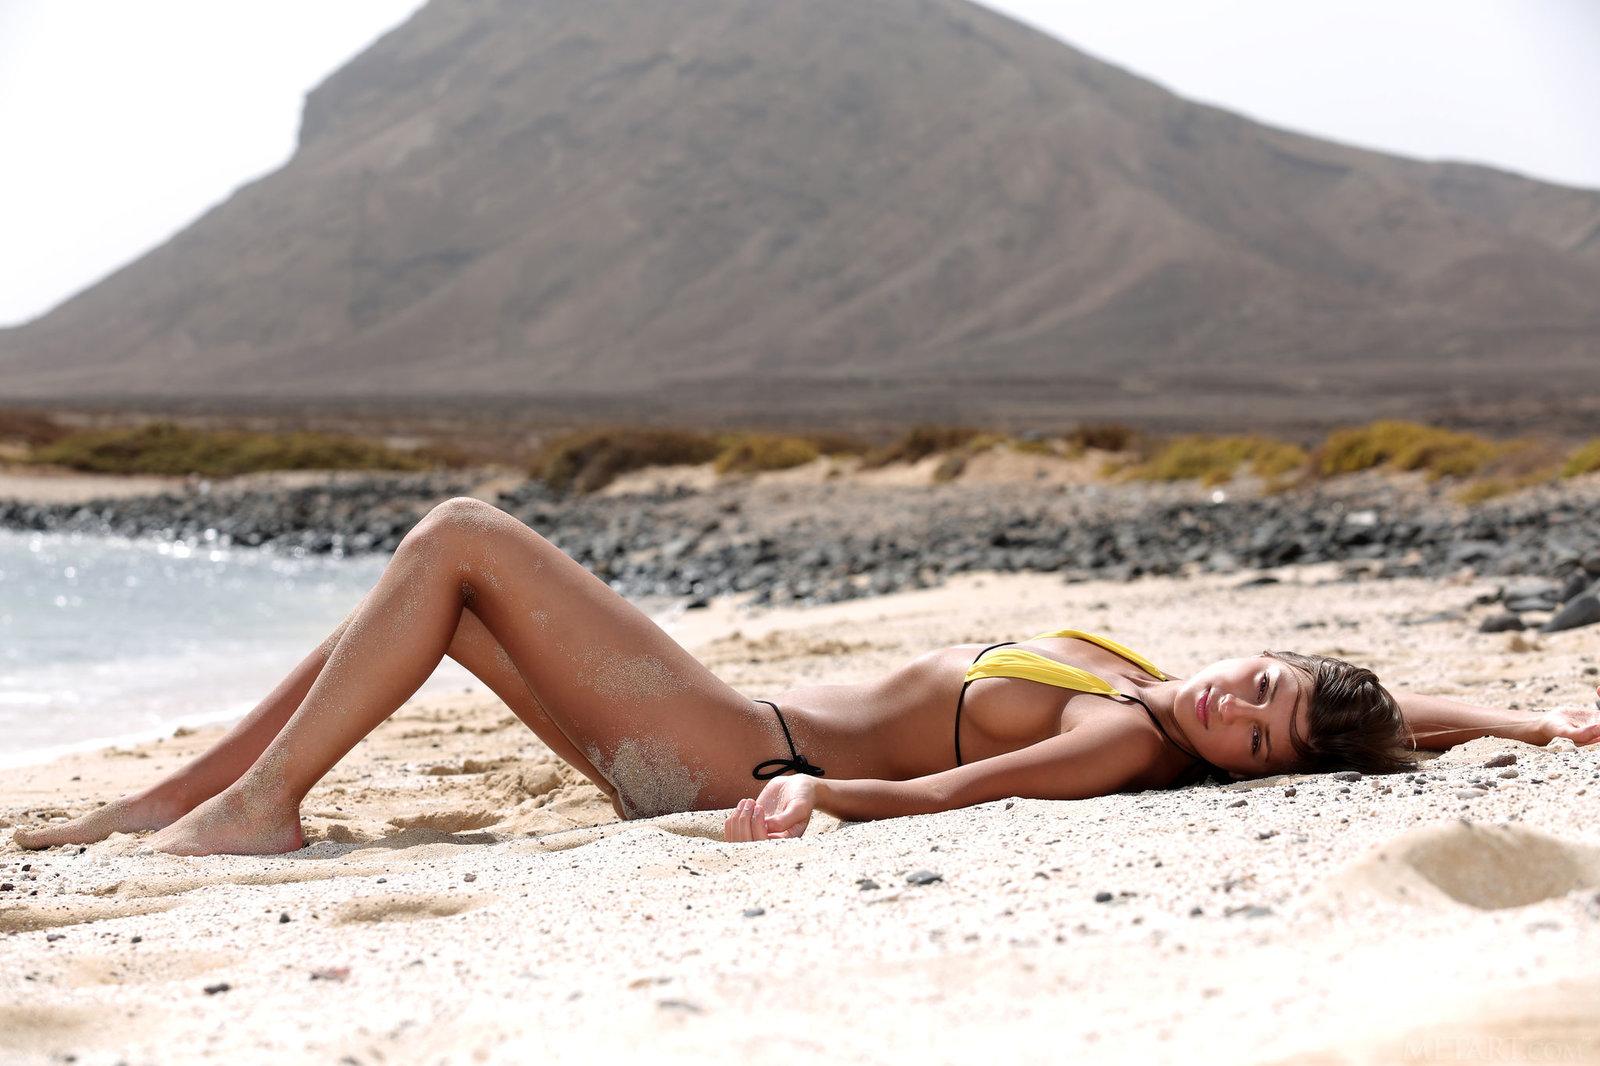 Zdjęcie porno - 0717 - Modelka w bikini na plaży